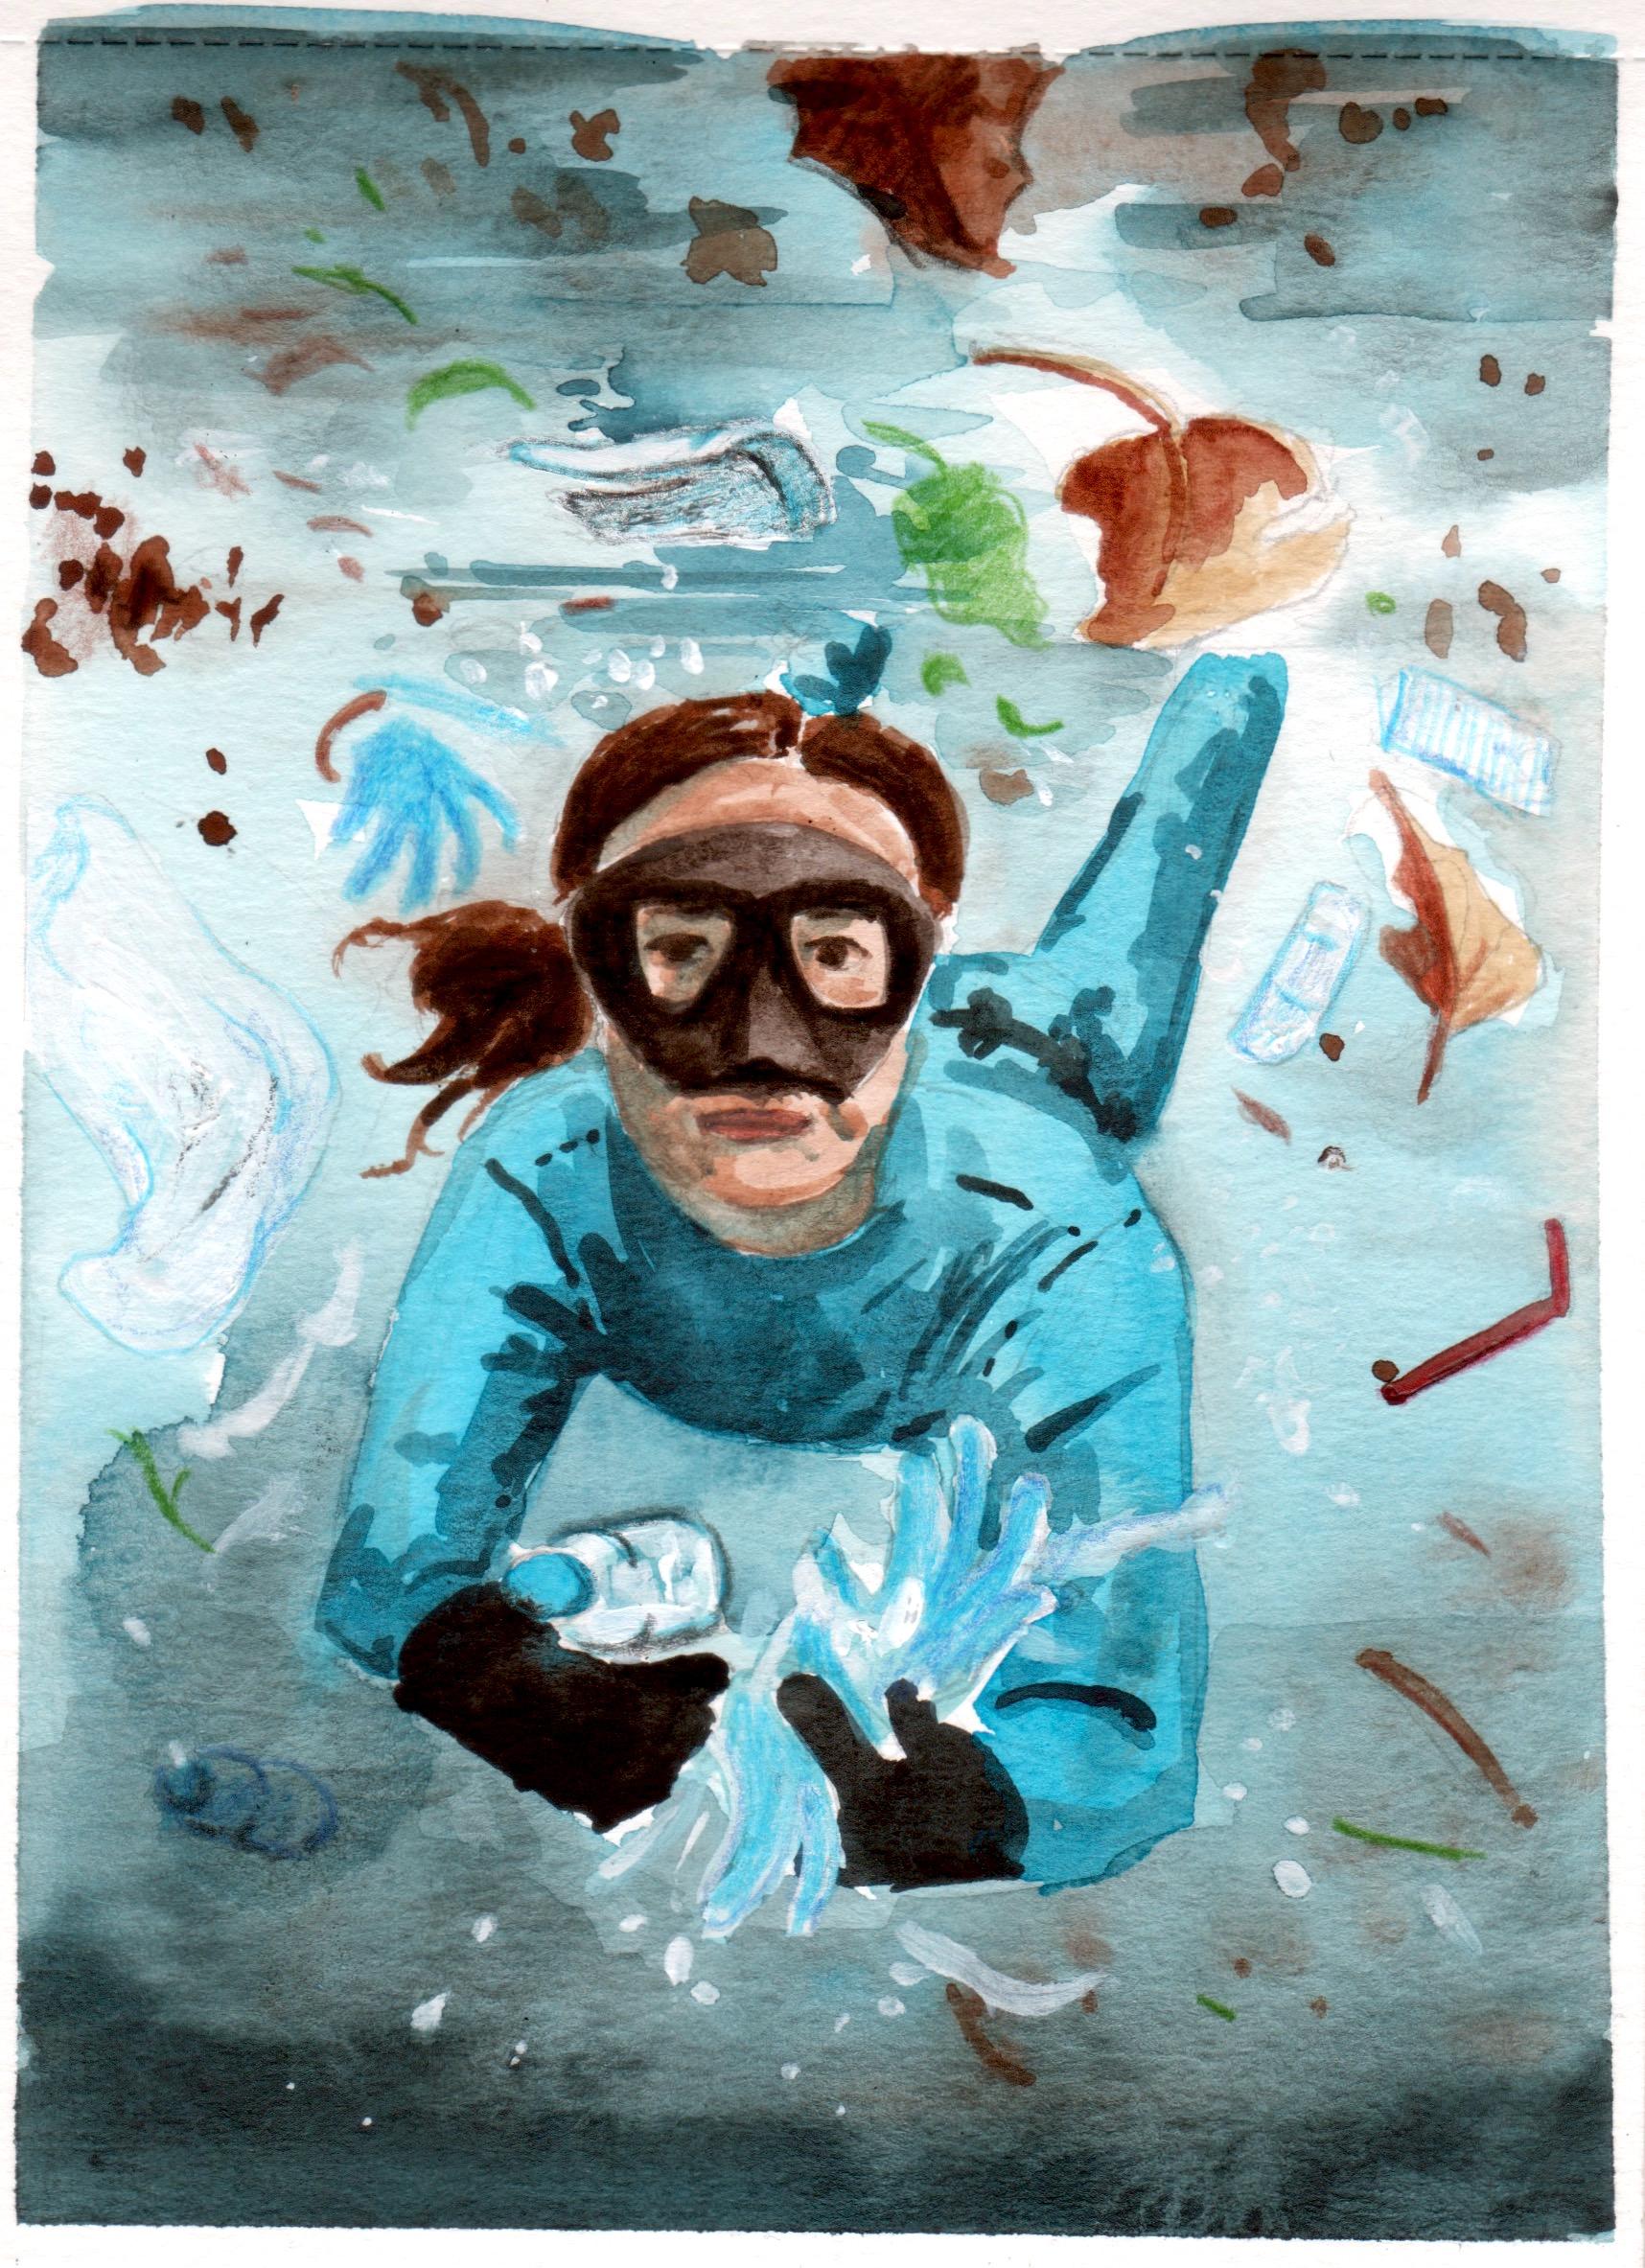 basura en el oceano